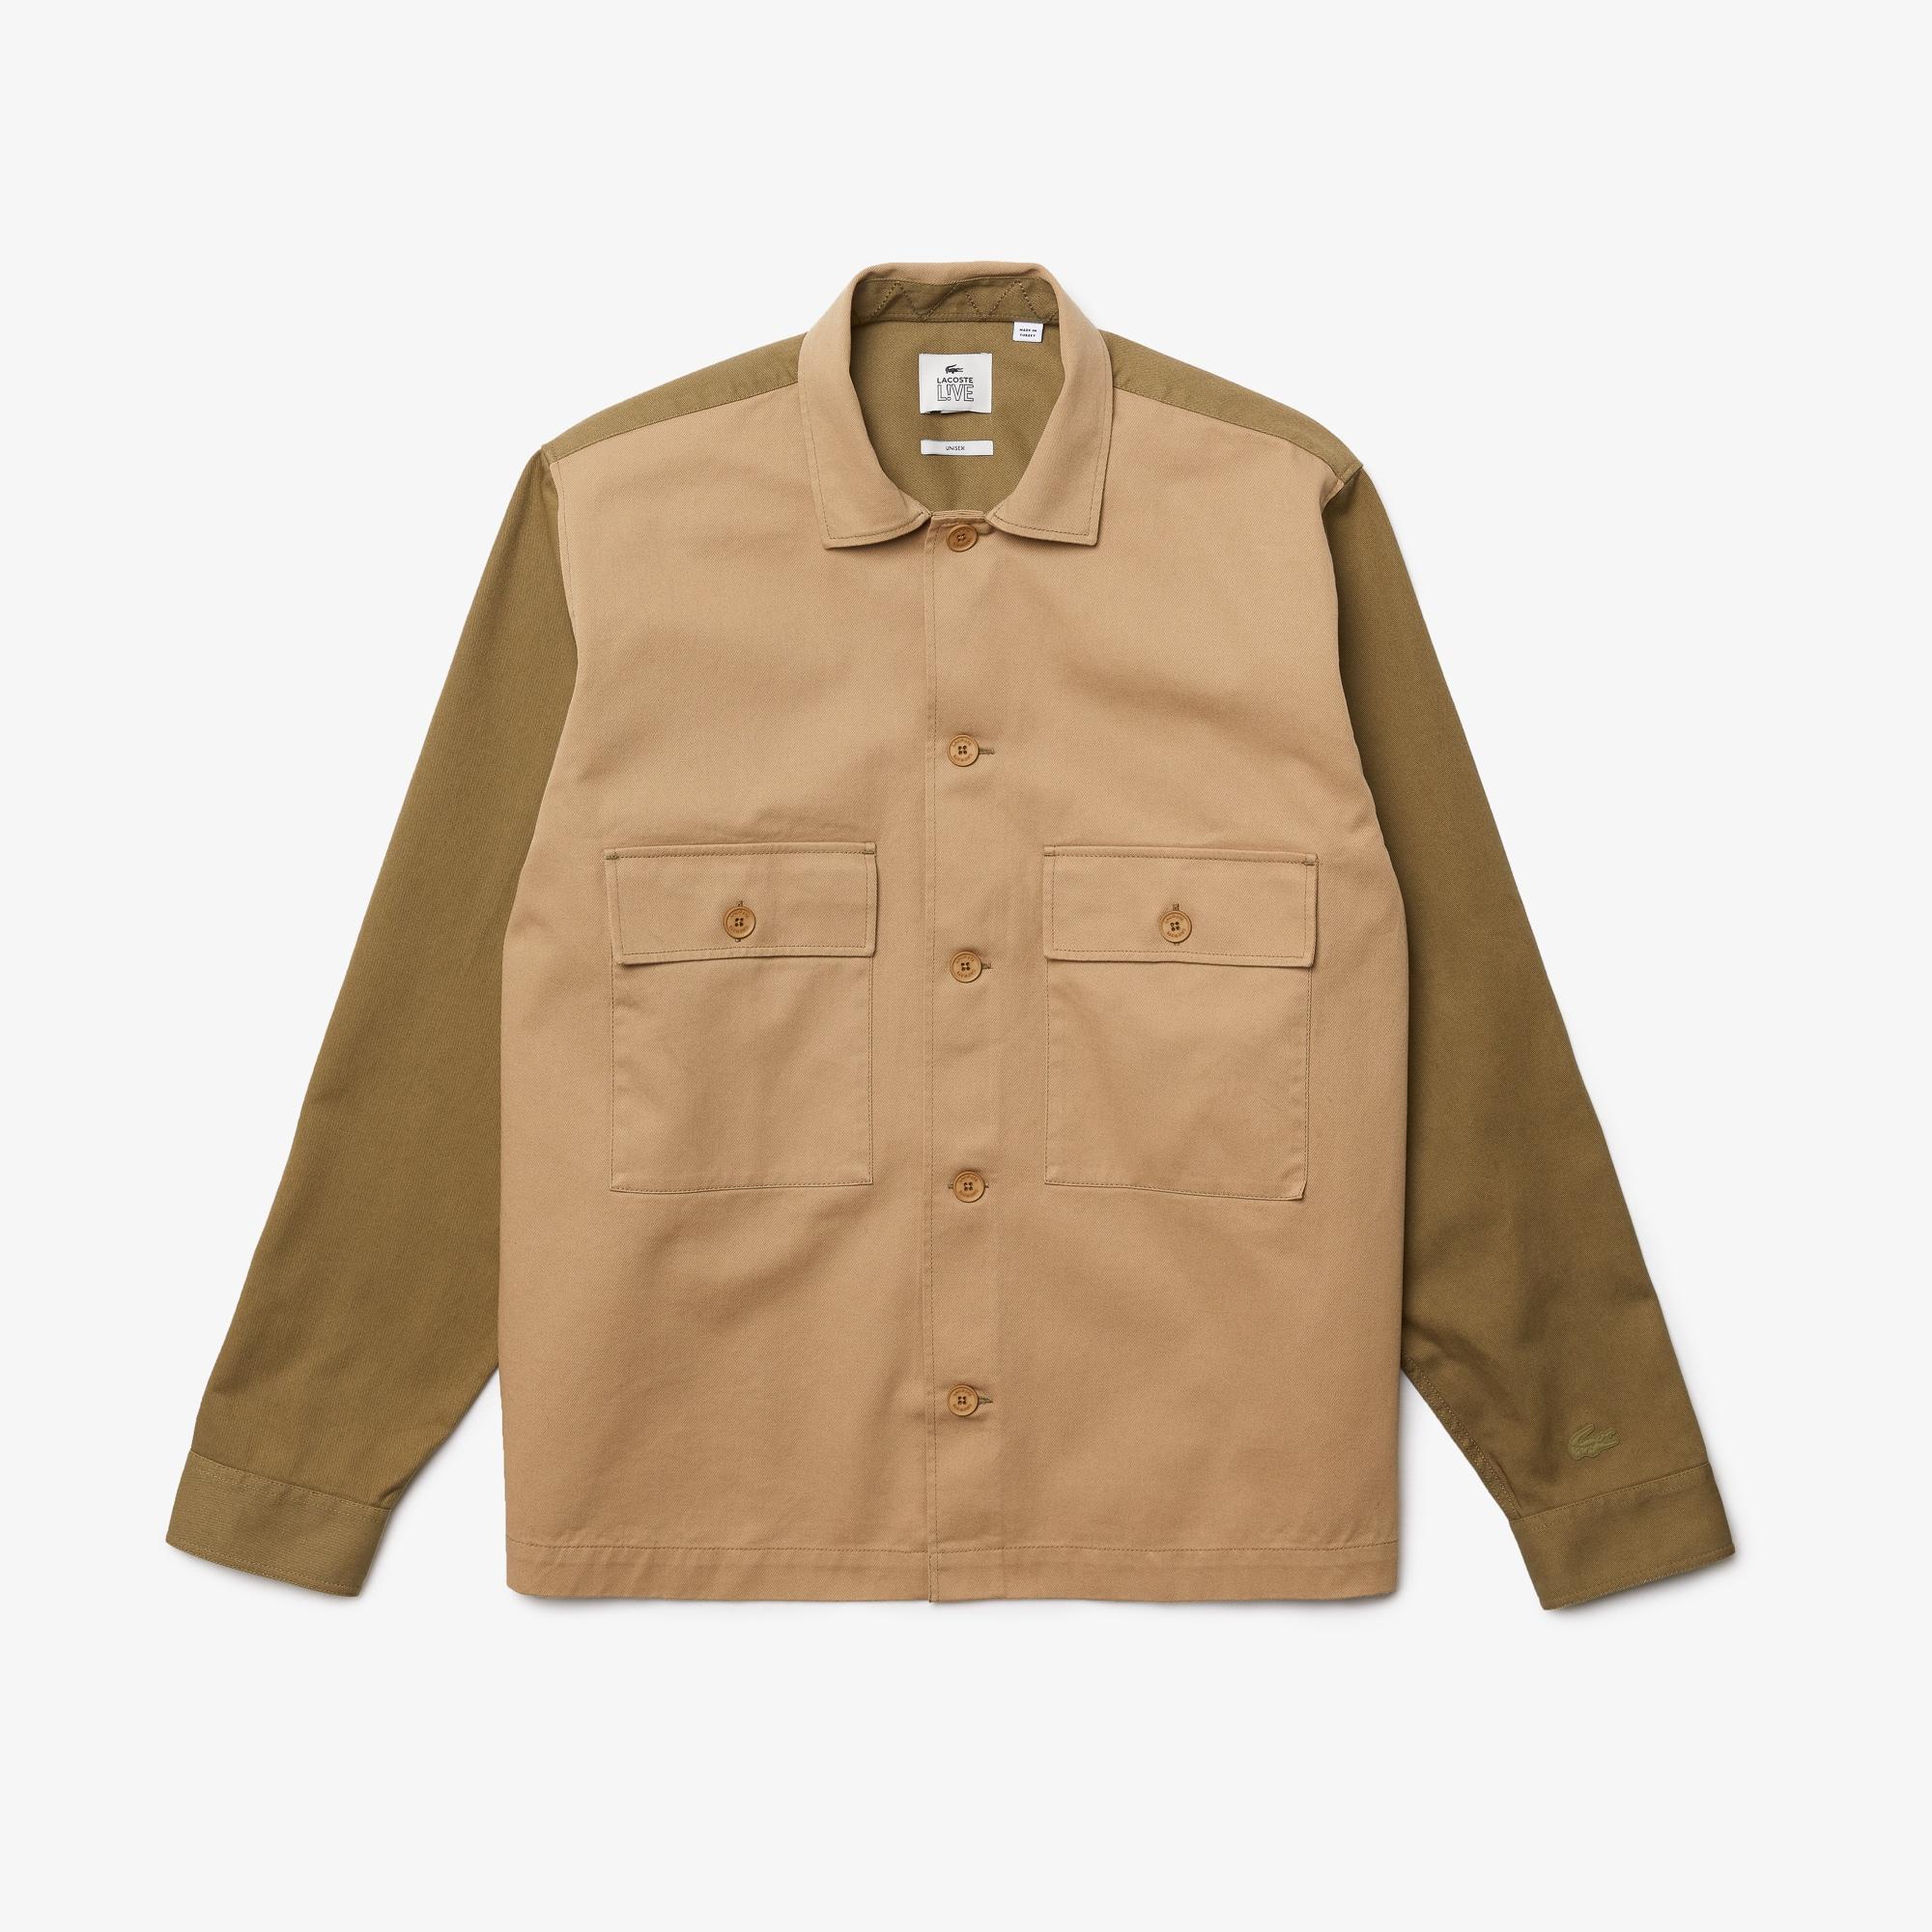 라코스테 라이브 남녀공용 셔츠 Lacoste Unisex LIVE Relaxed Fit Two-Tone Cotton Shirt,Beige / Khaki Green SQH